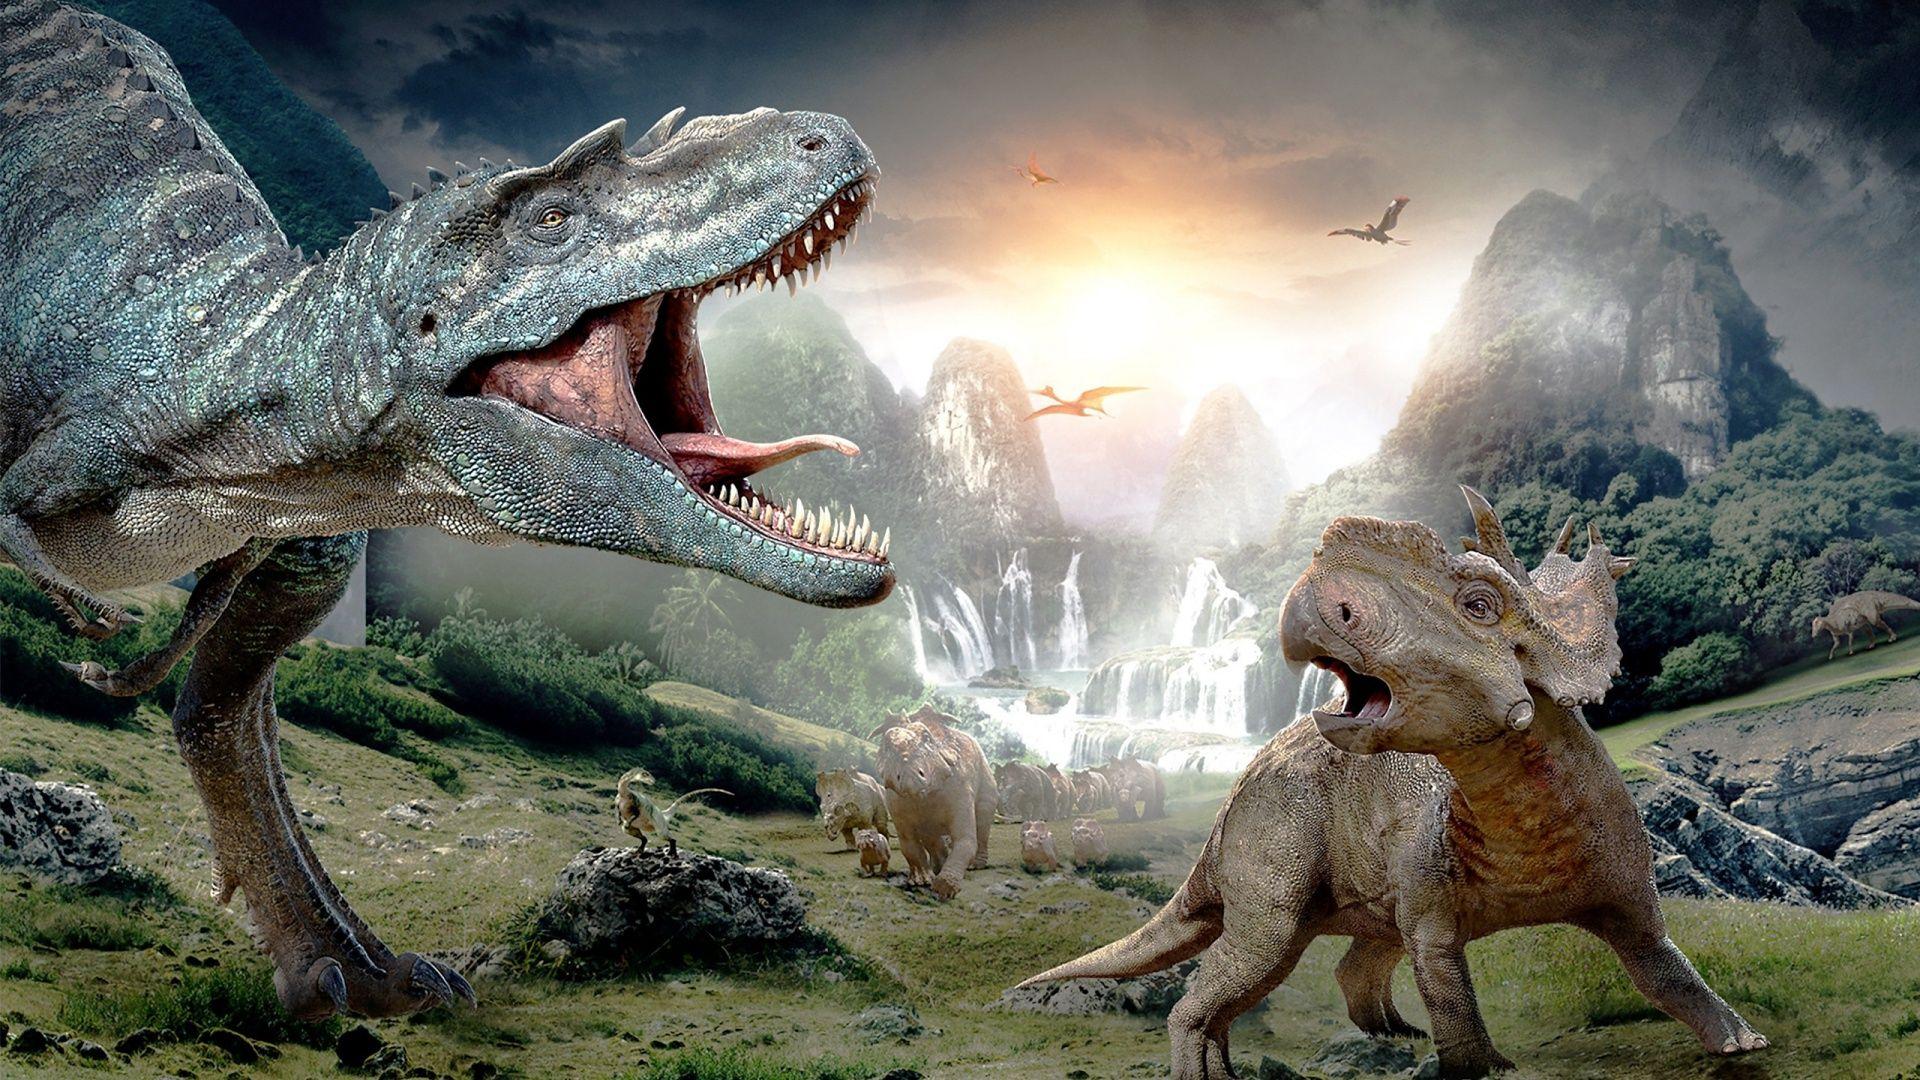 Dinosaur Genovic 851685 Jpg 1920 1080 Dinosaur Pictures Walking With Dinosaurs Dinosaur Wallpaper